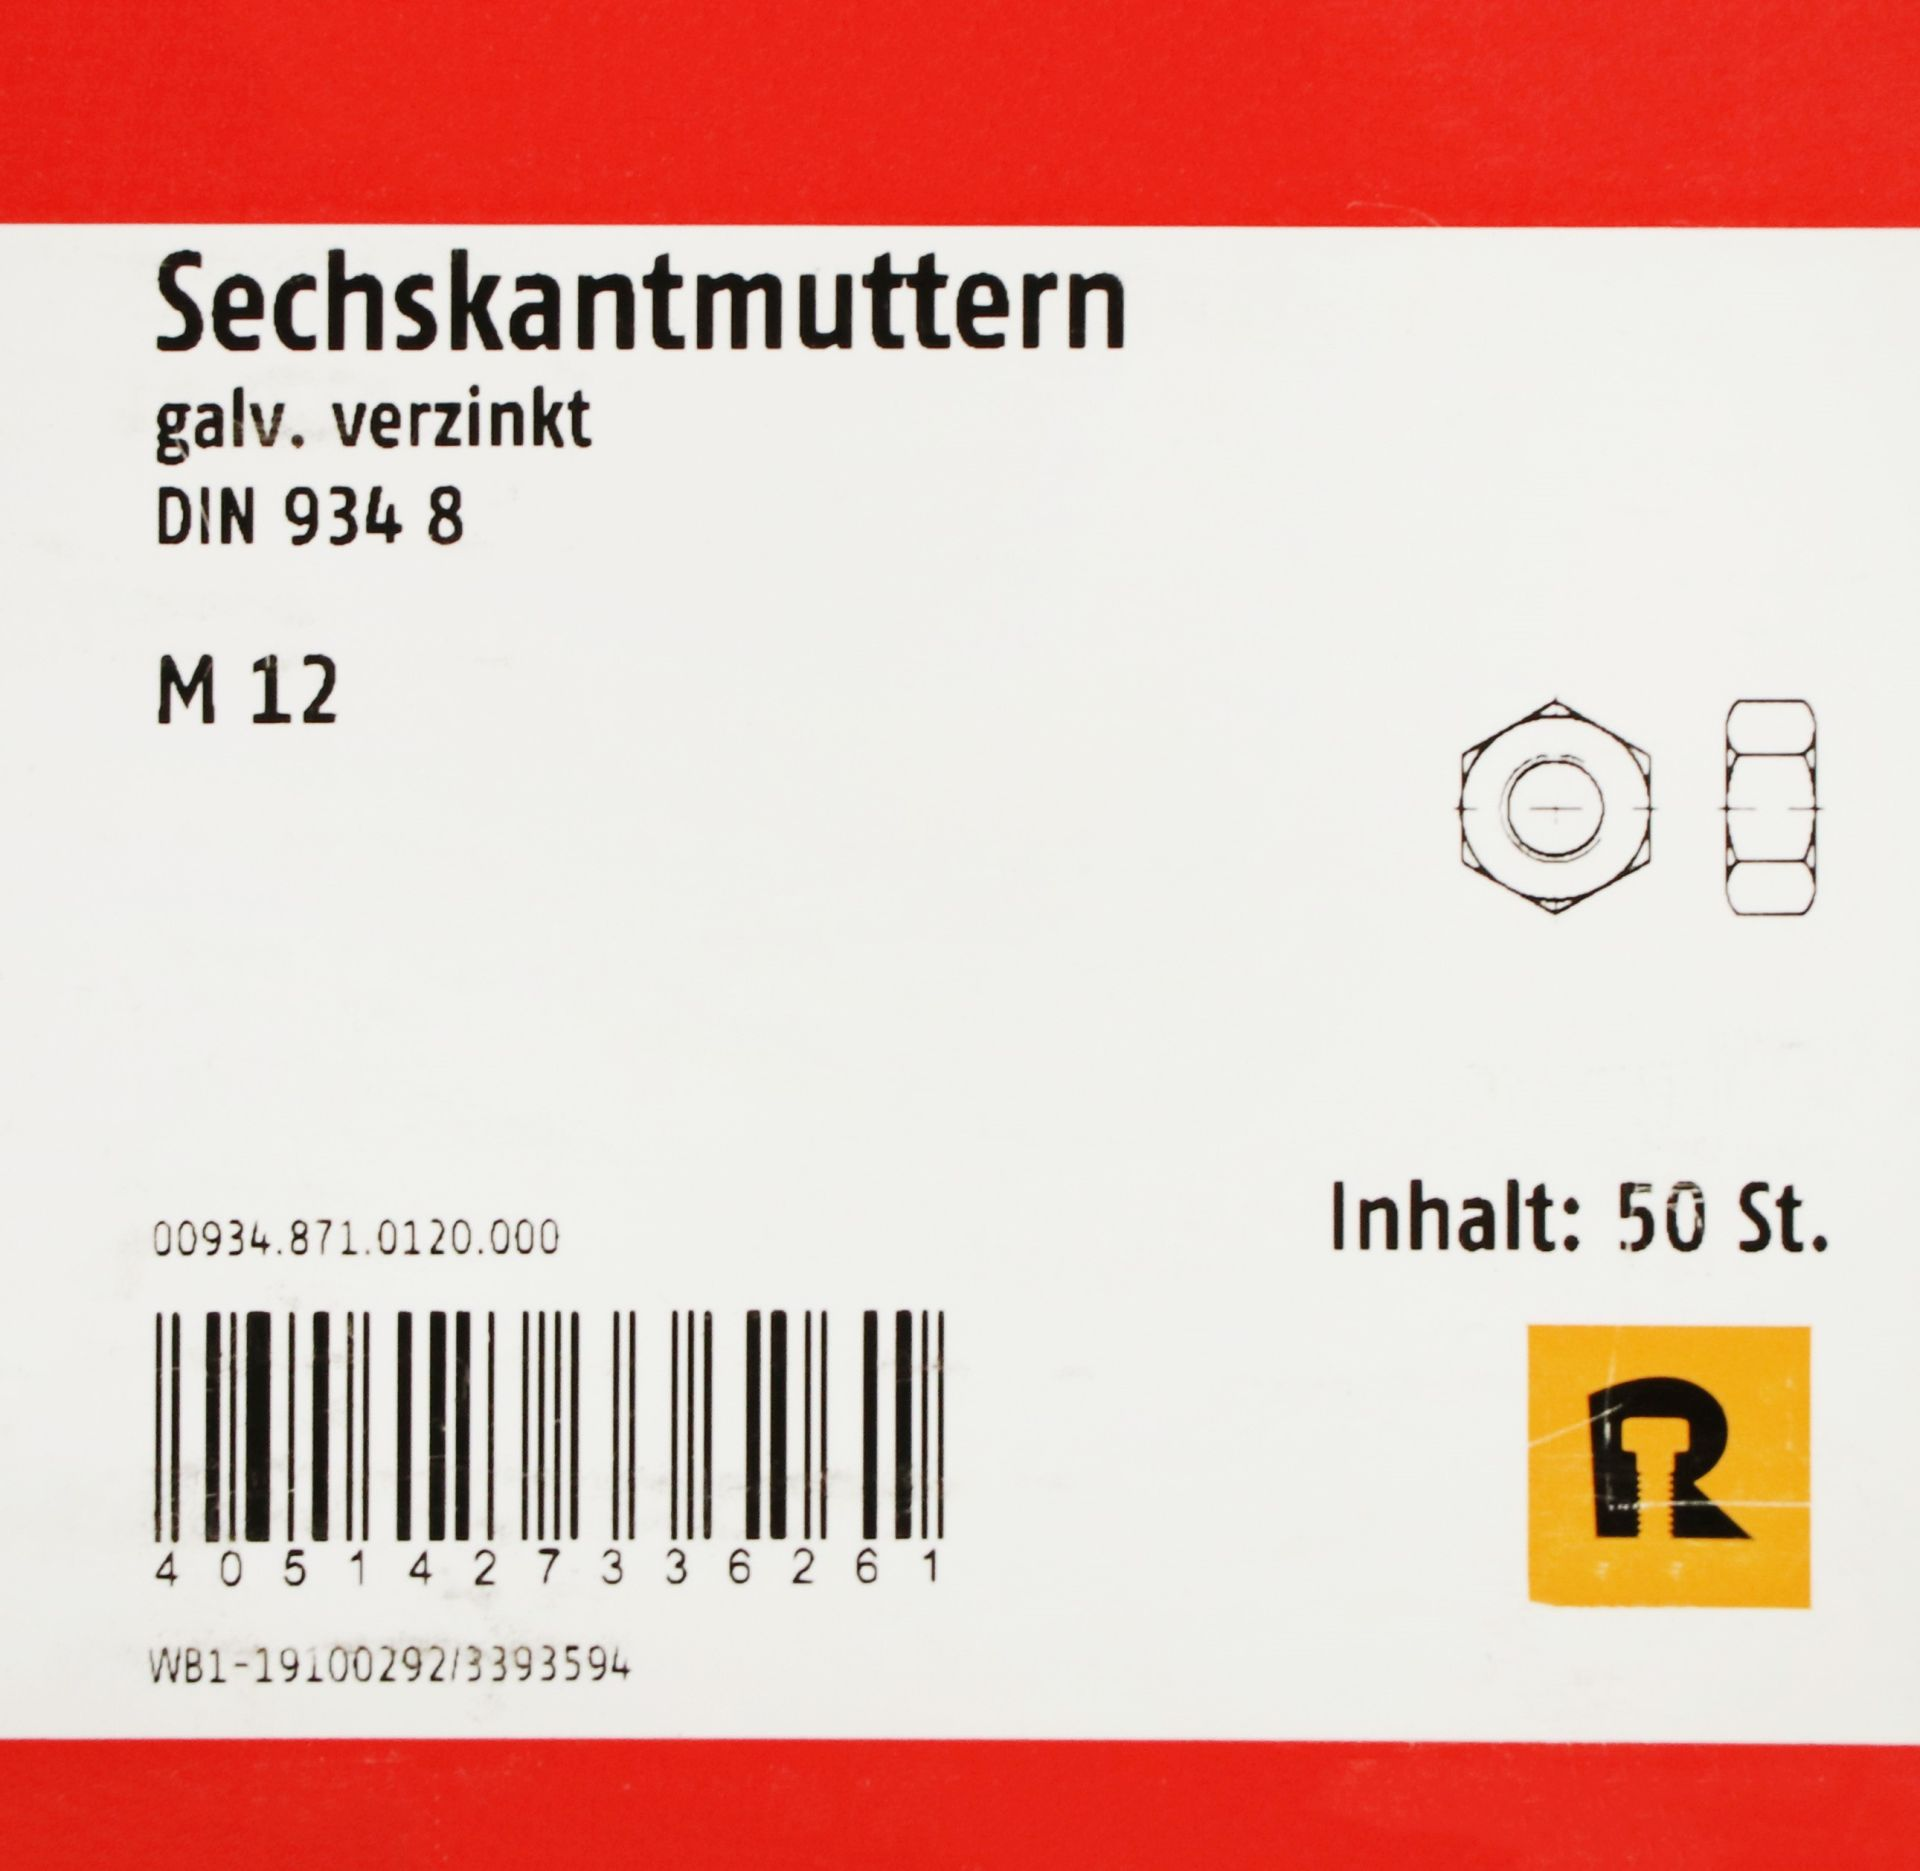 REYHER Sechskantmuttern galvanisch verzinkt, DIN 934 8, M12, 50 Stück